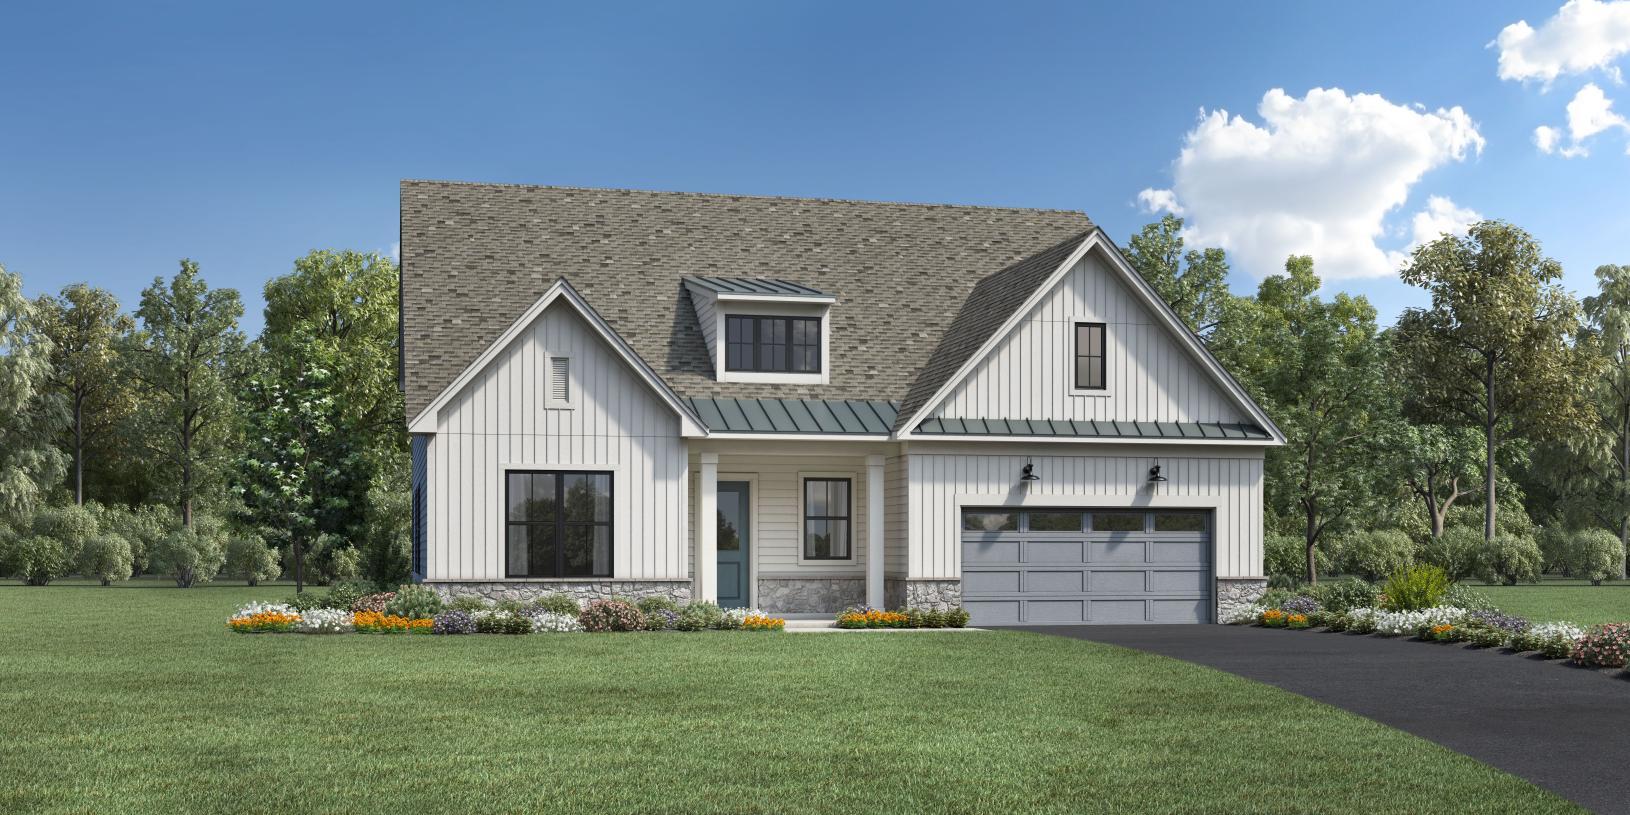 Casey - Modern Farmhouse